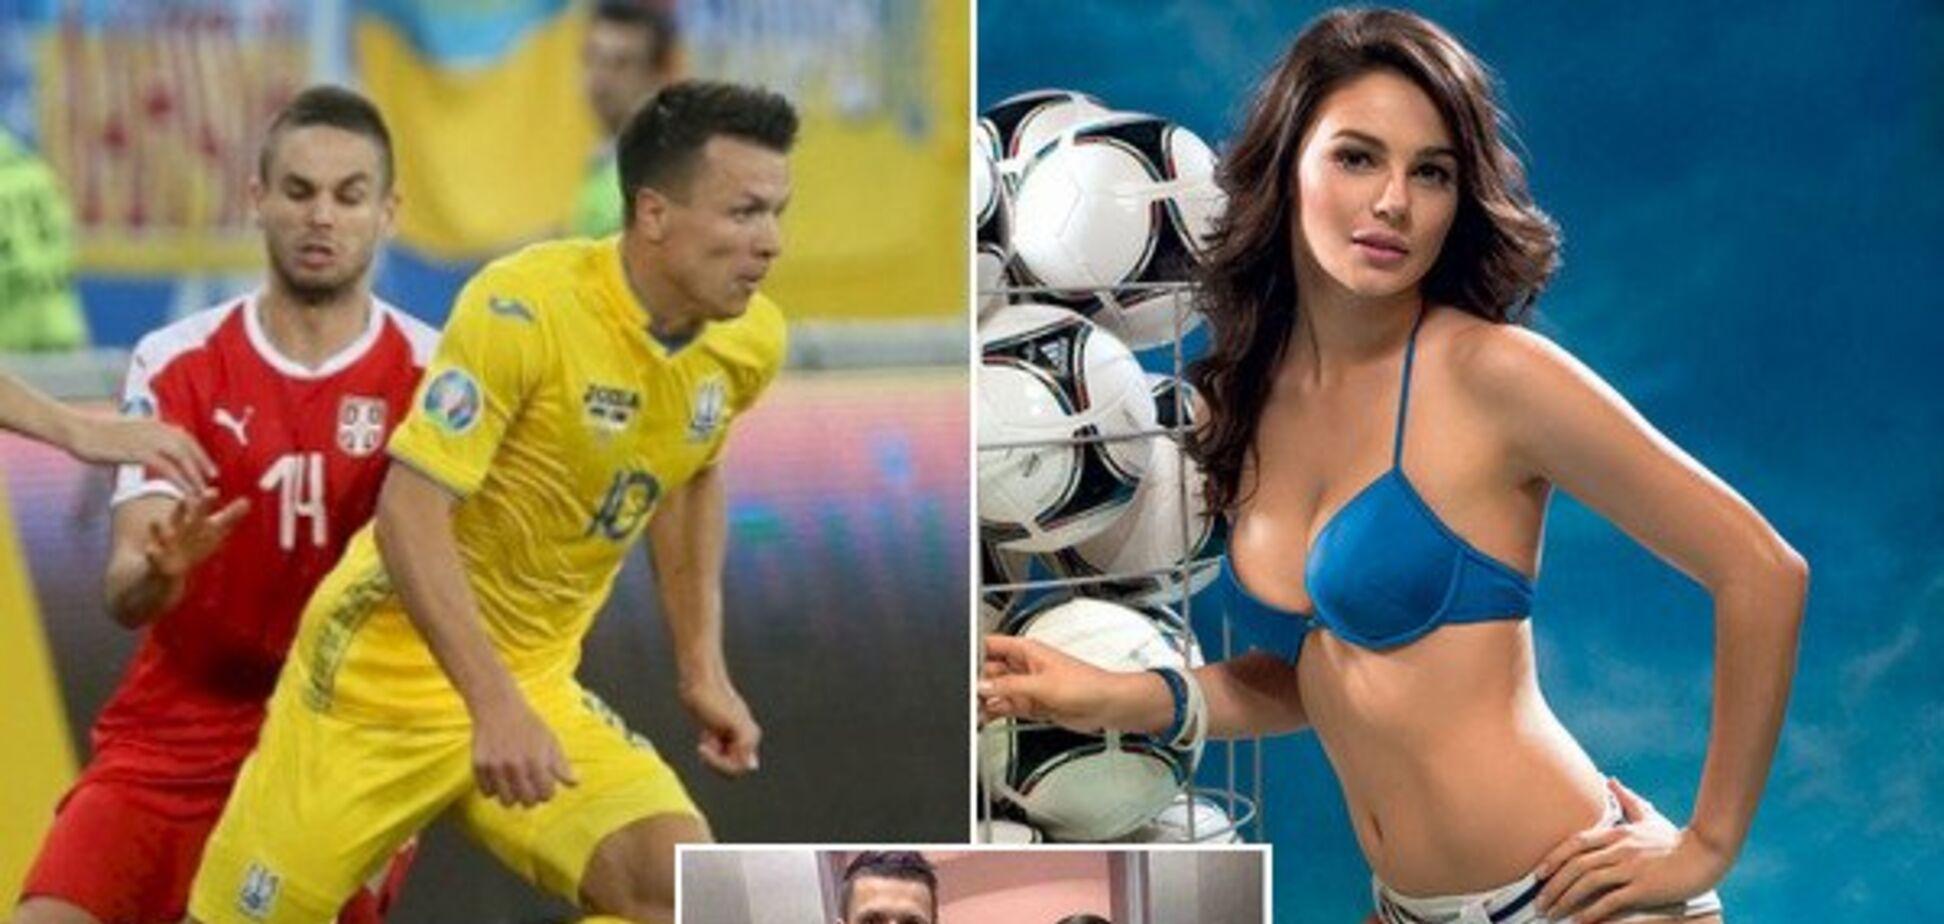 Дружина Коноплянки показала, що з нею було після голу чоловіка: домашнє відео